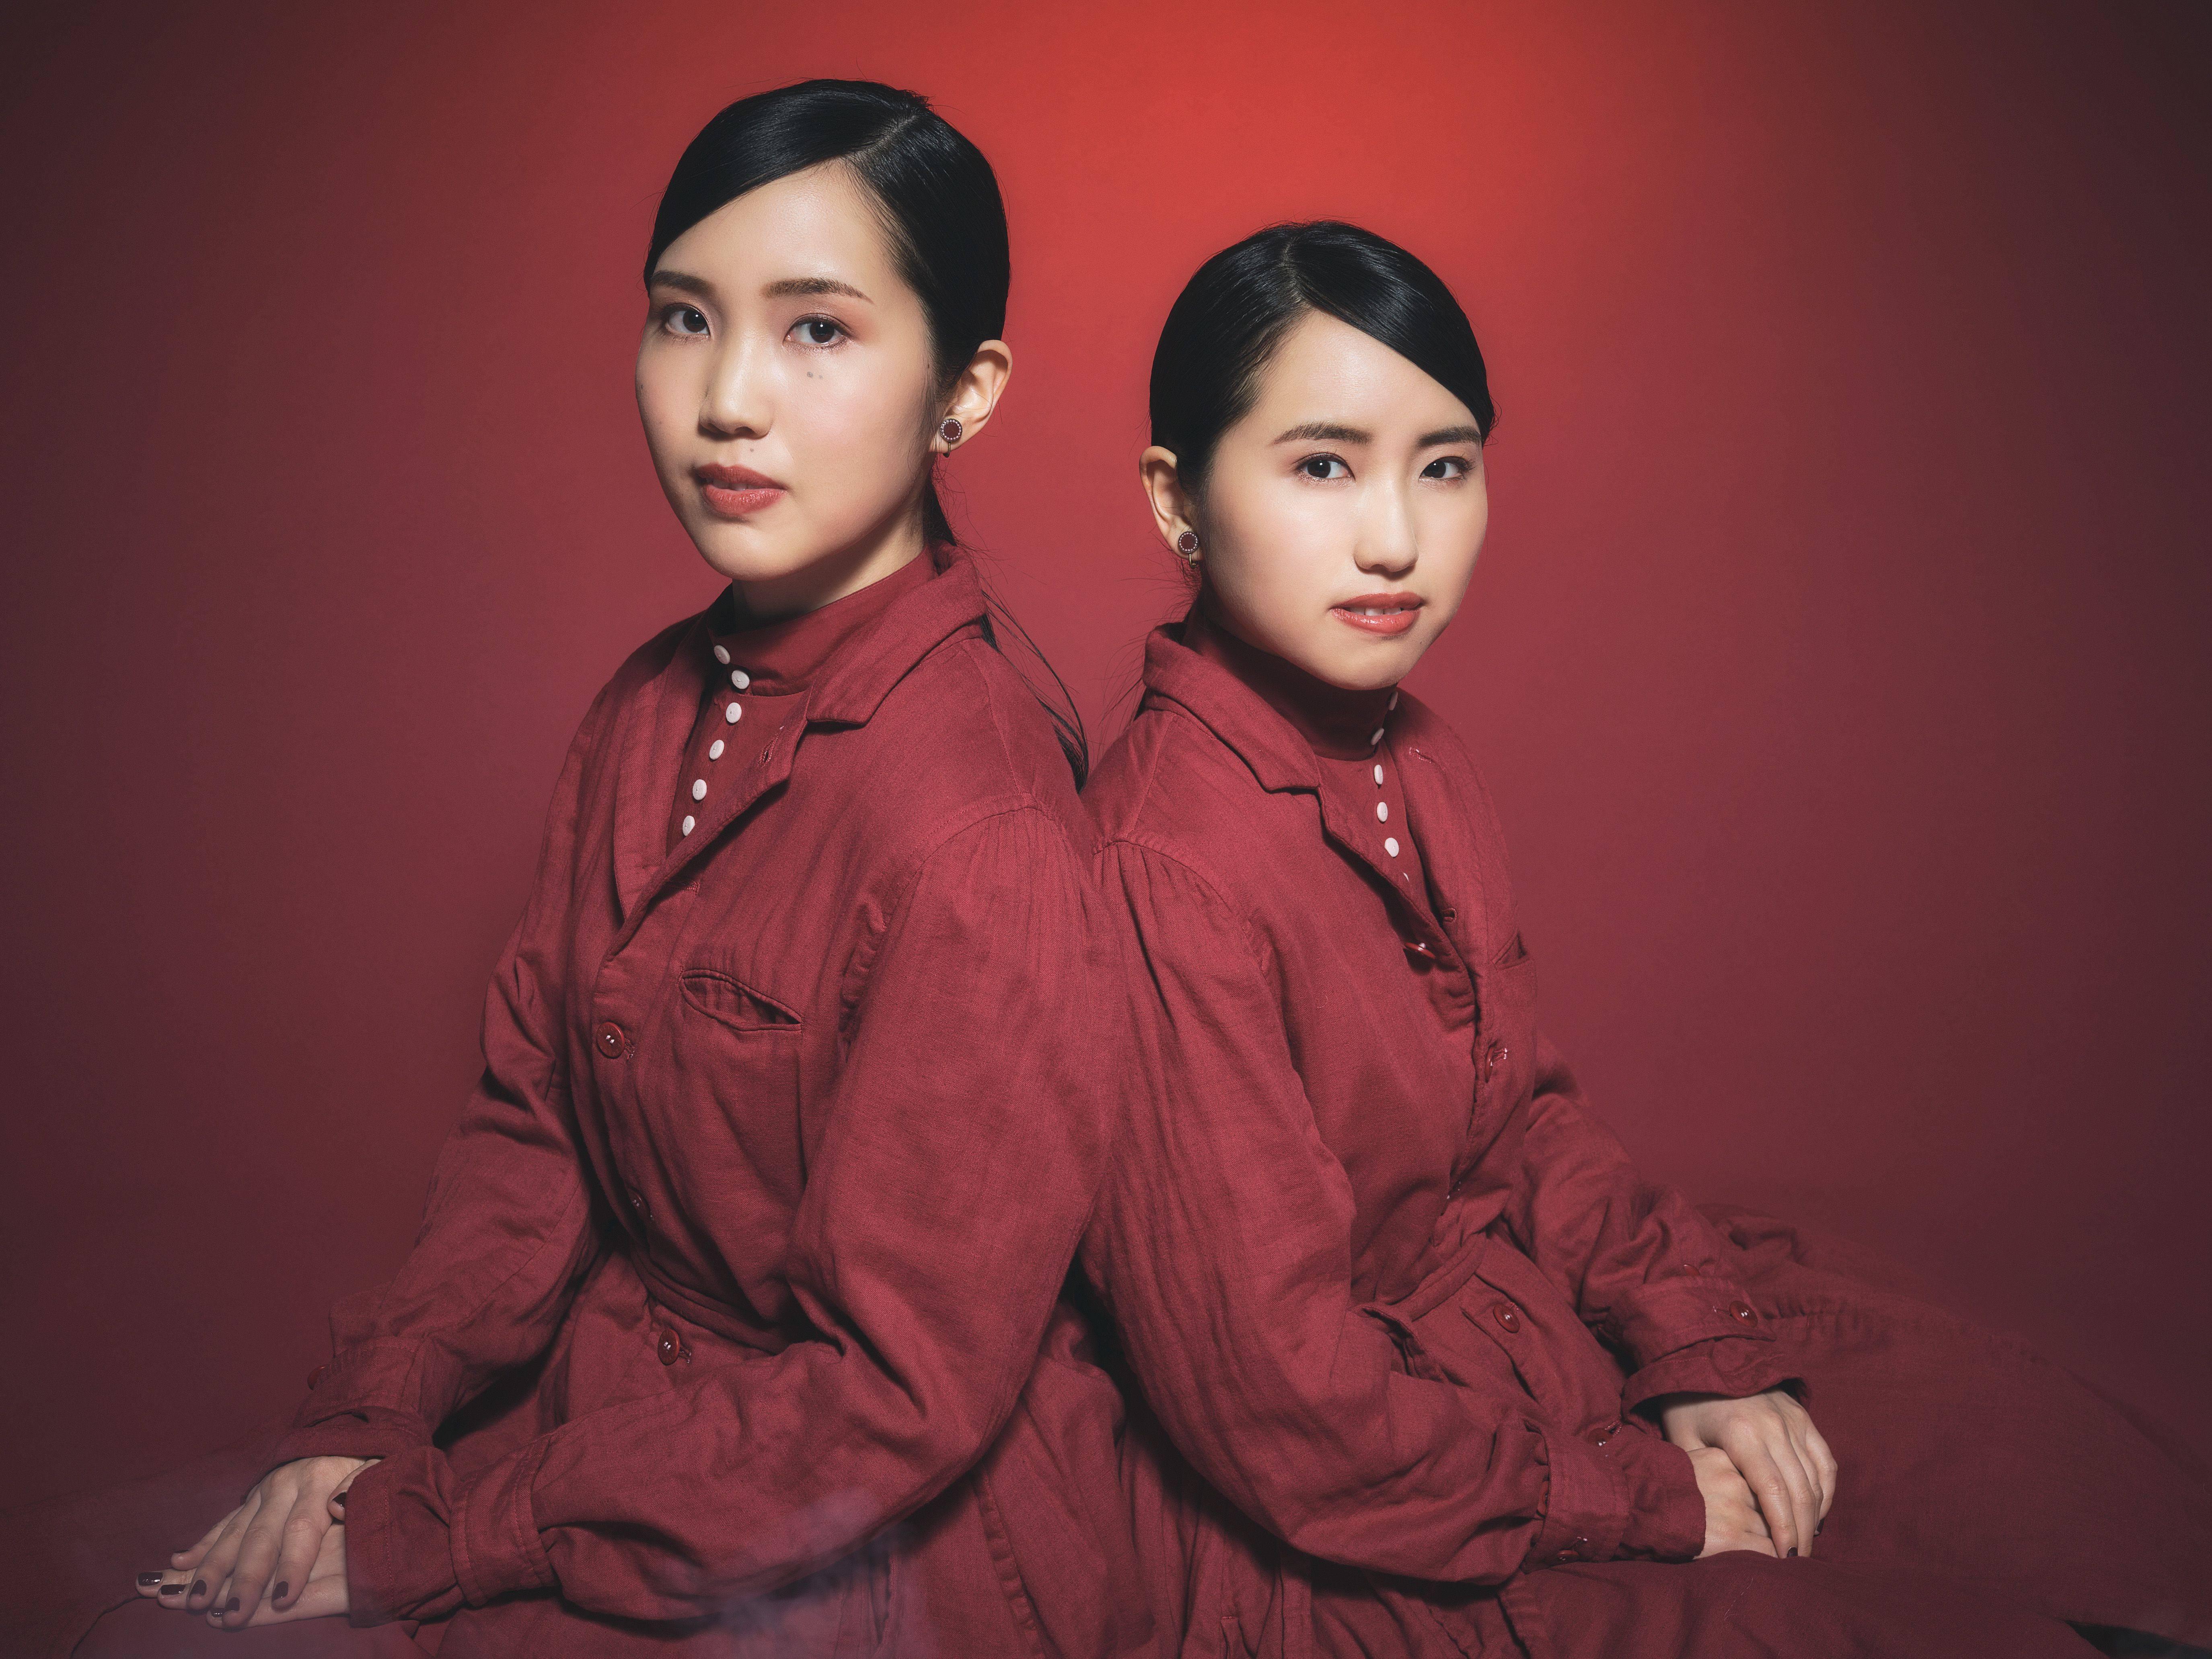 台灣開發團隊作品《Aliisha》雙子神遺棄之境 預購正式啟動